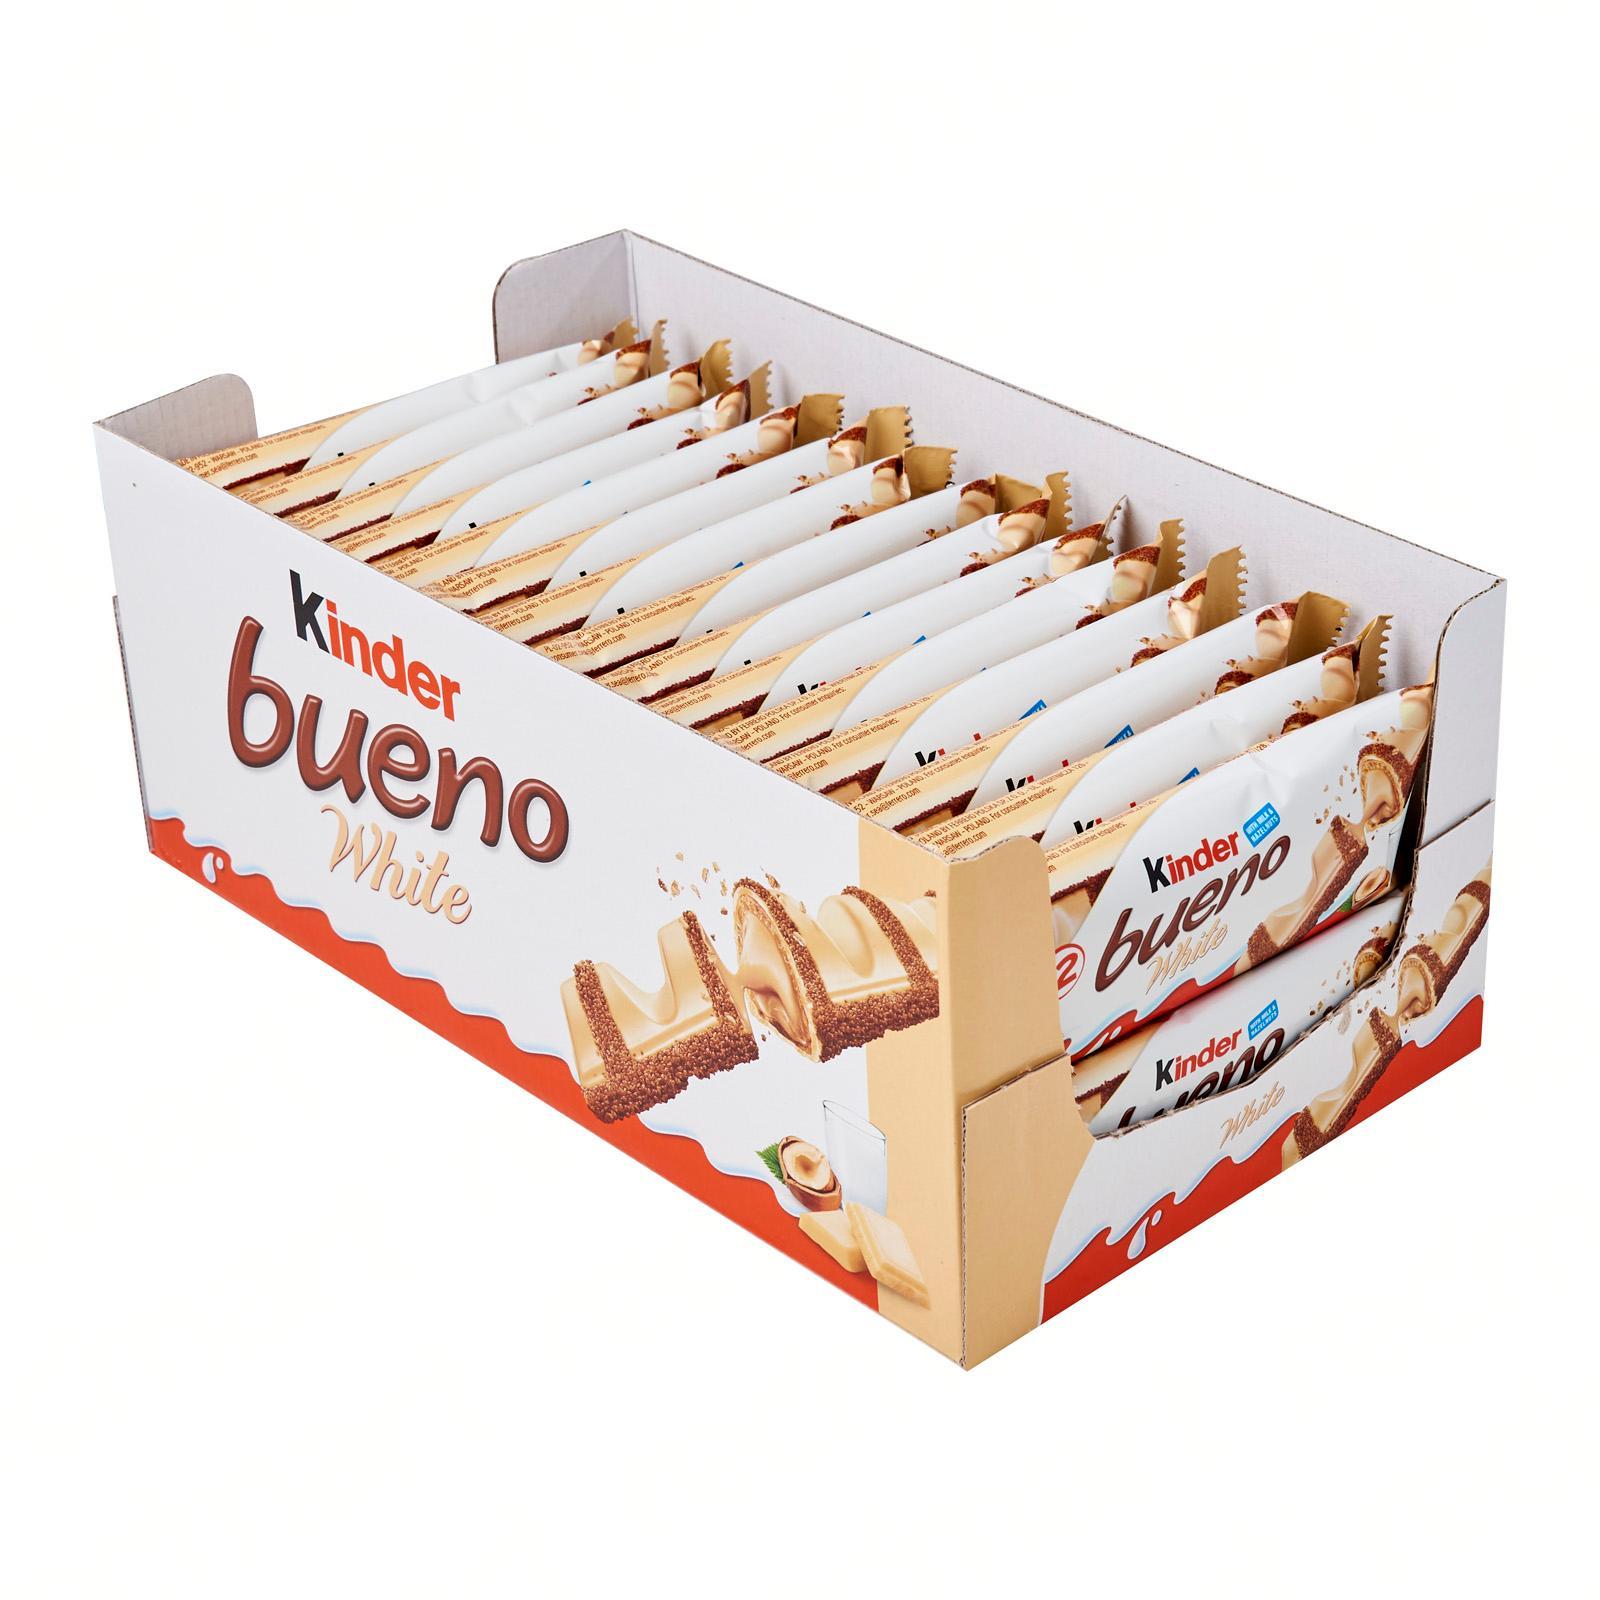 Kinder Bueno White Chocolate